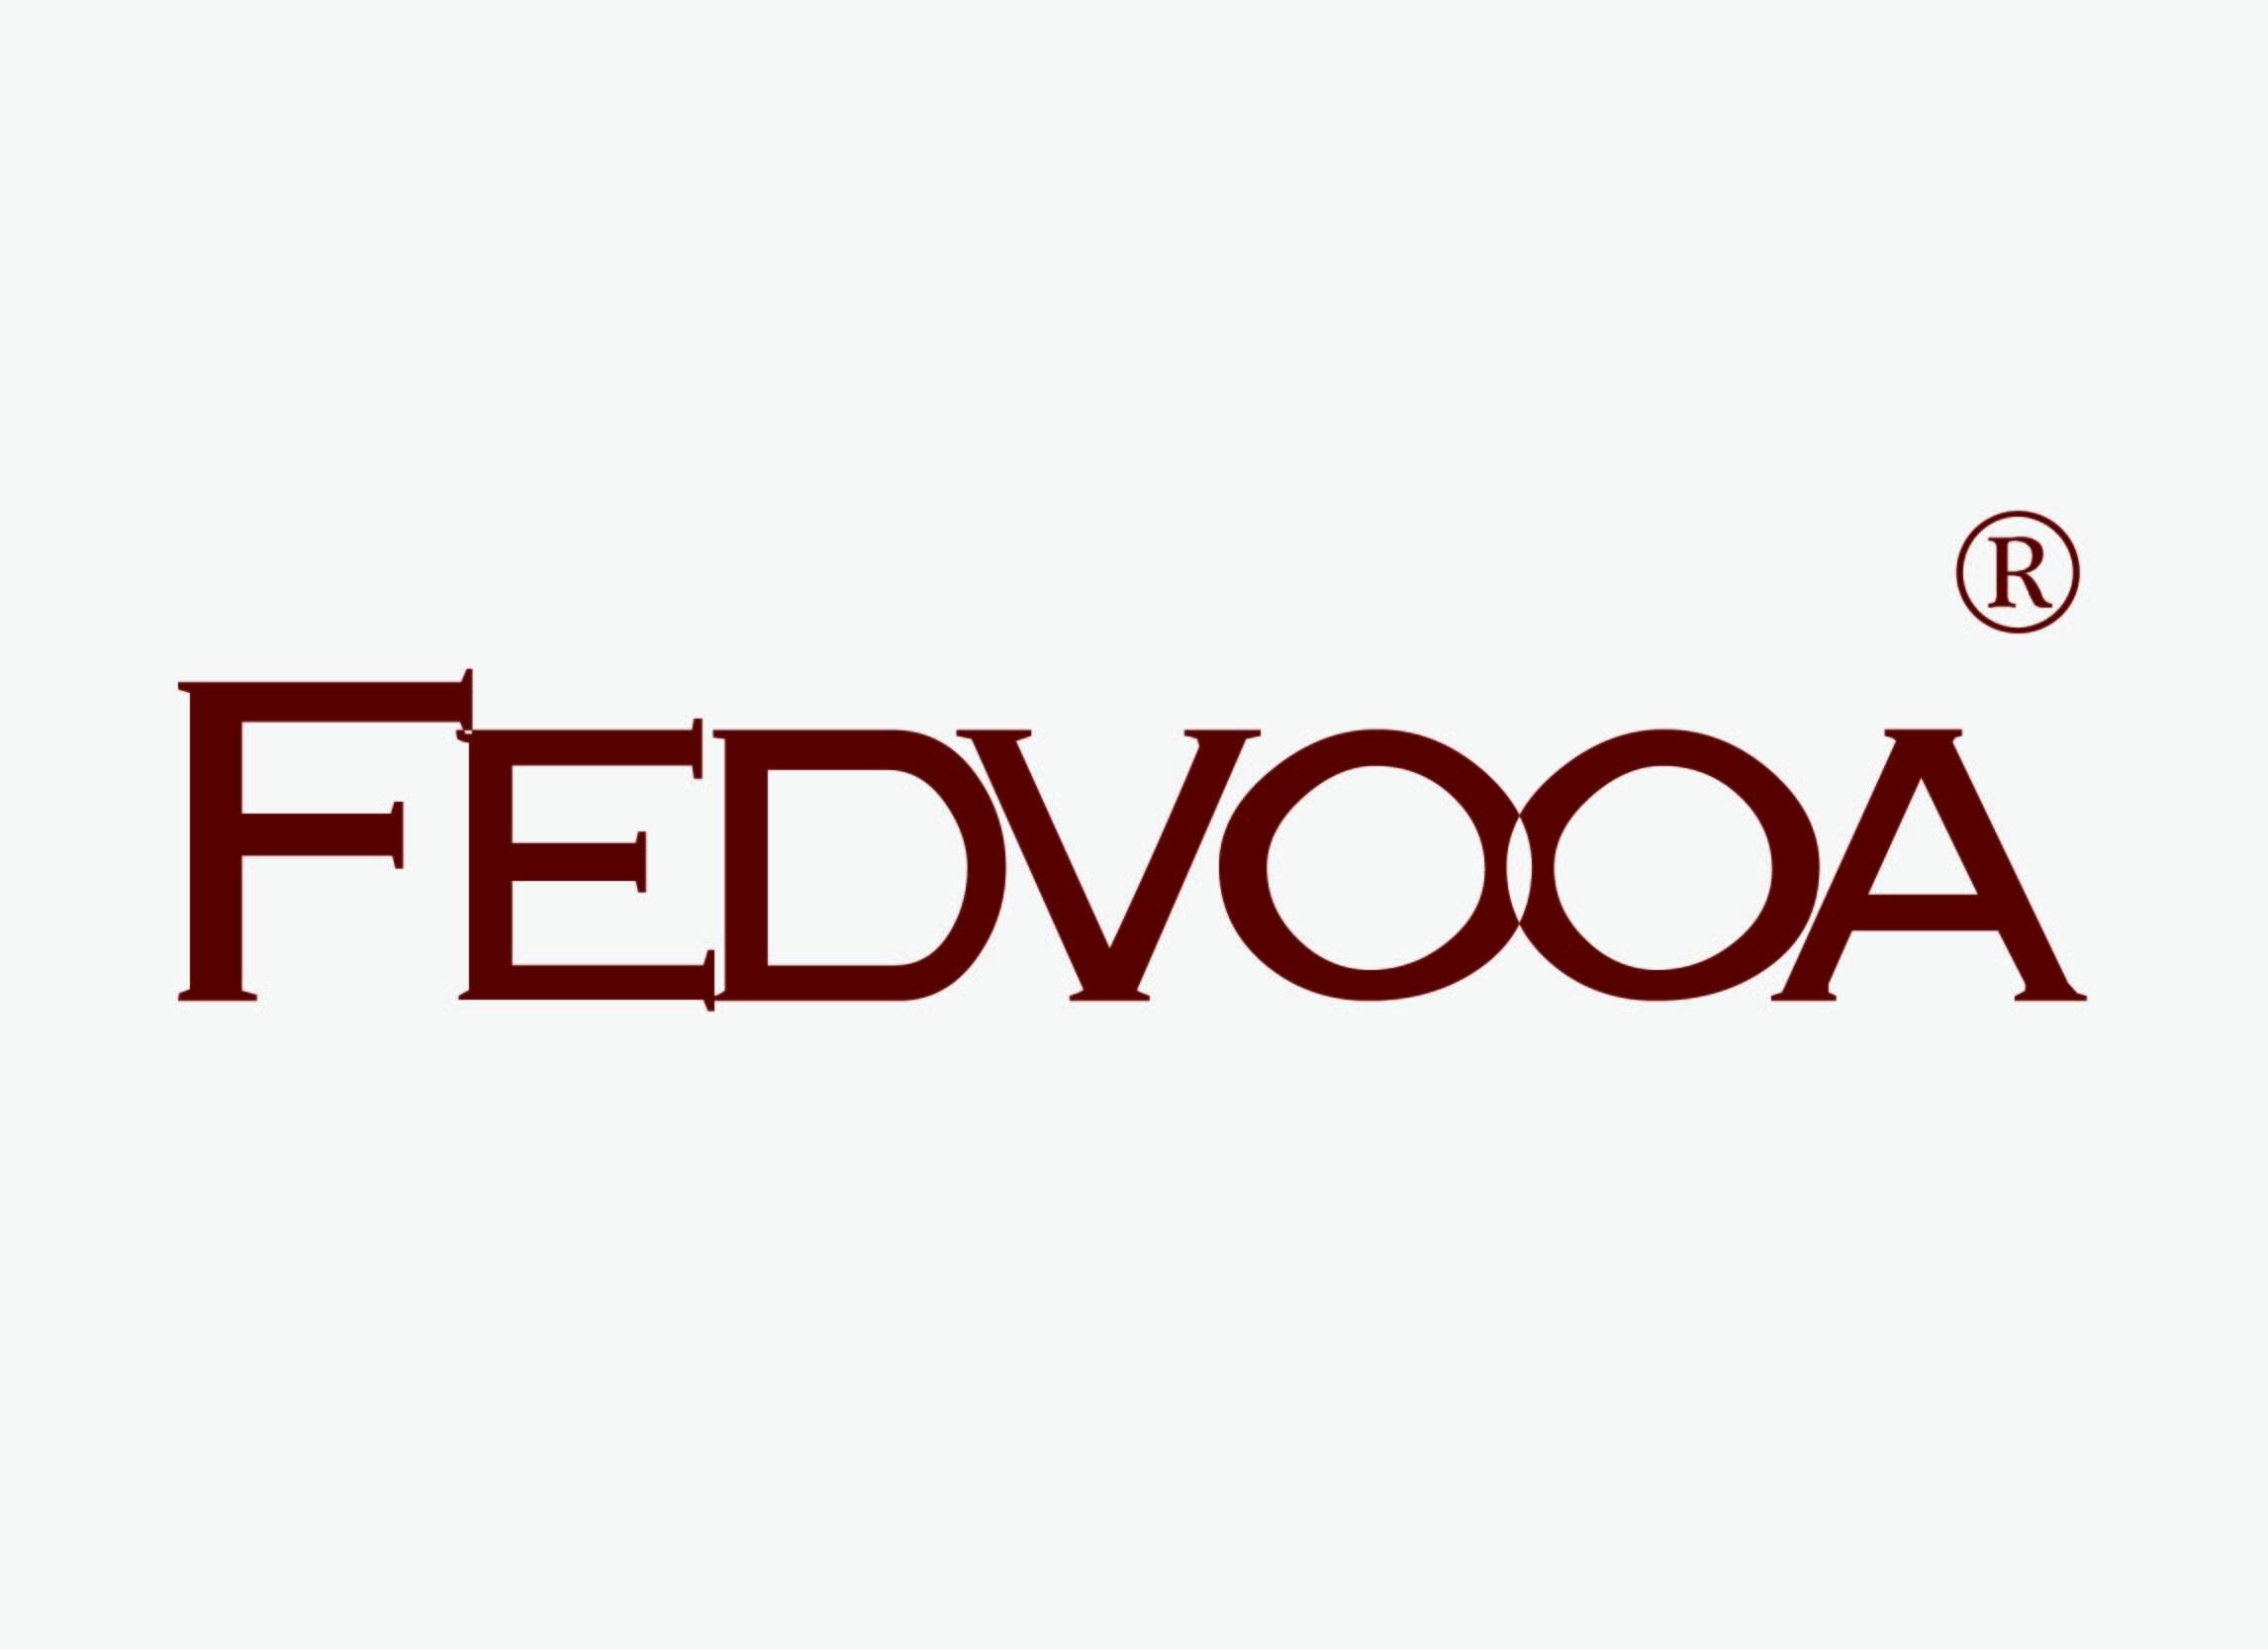 FEDVOOA